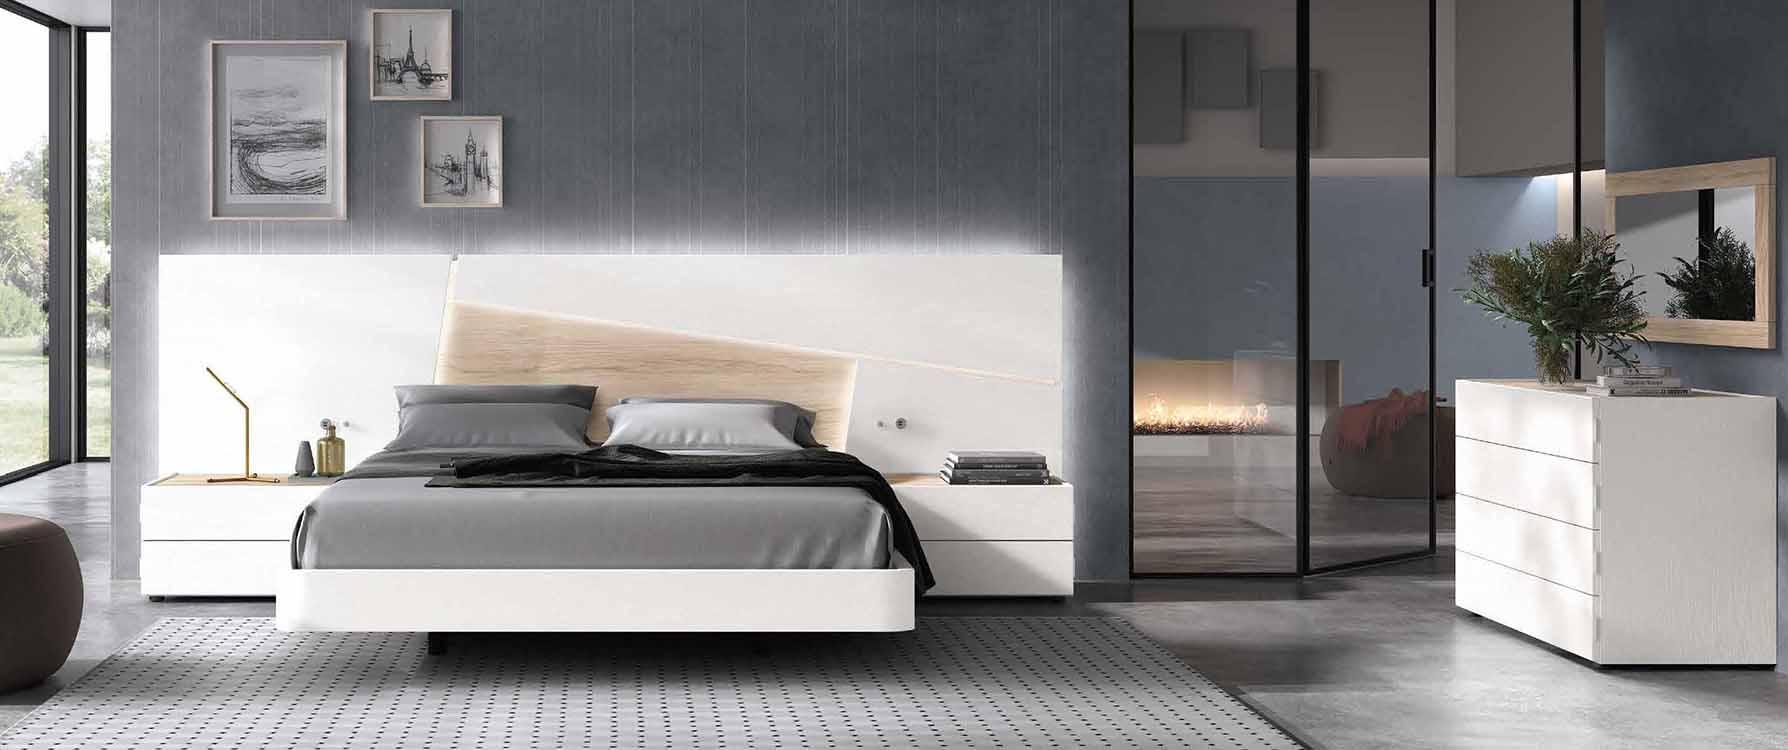 http://www.munozmuebles.net/nueva/catalogo/dormitorios-actuales.html - Mueble  de modelo bueno